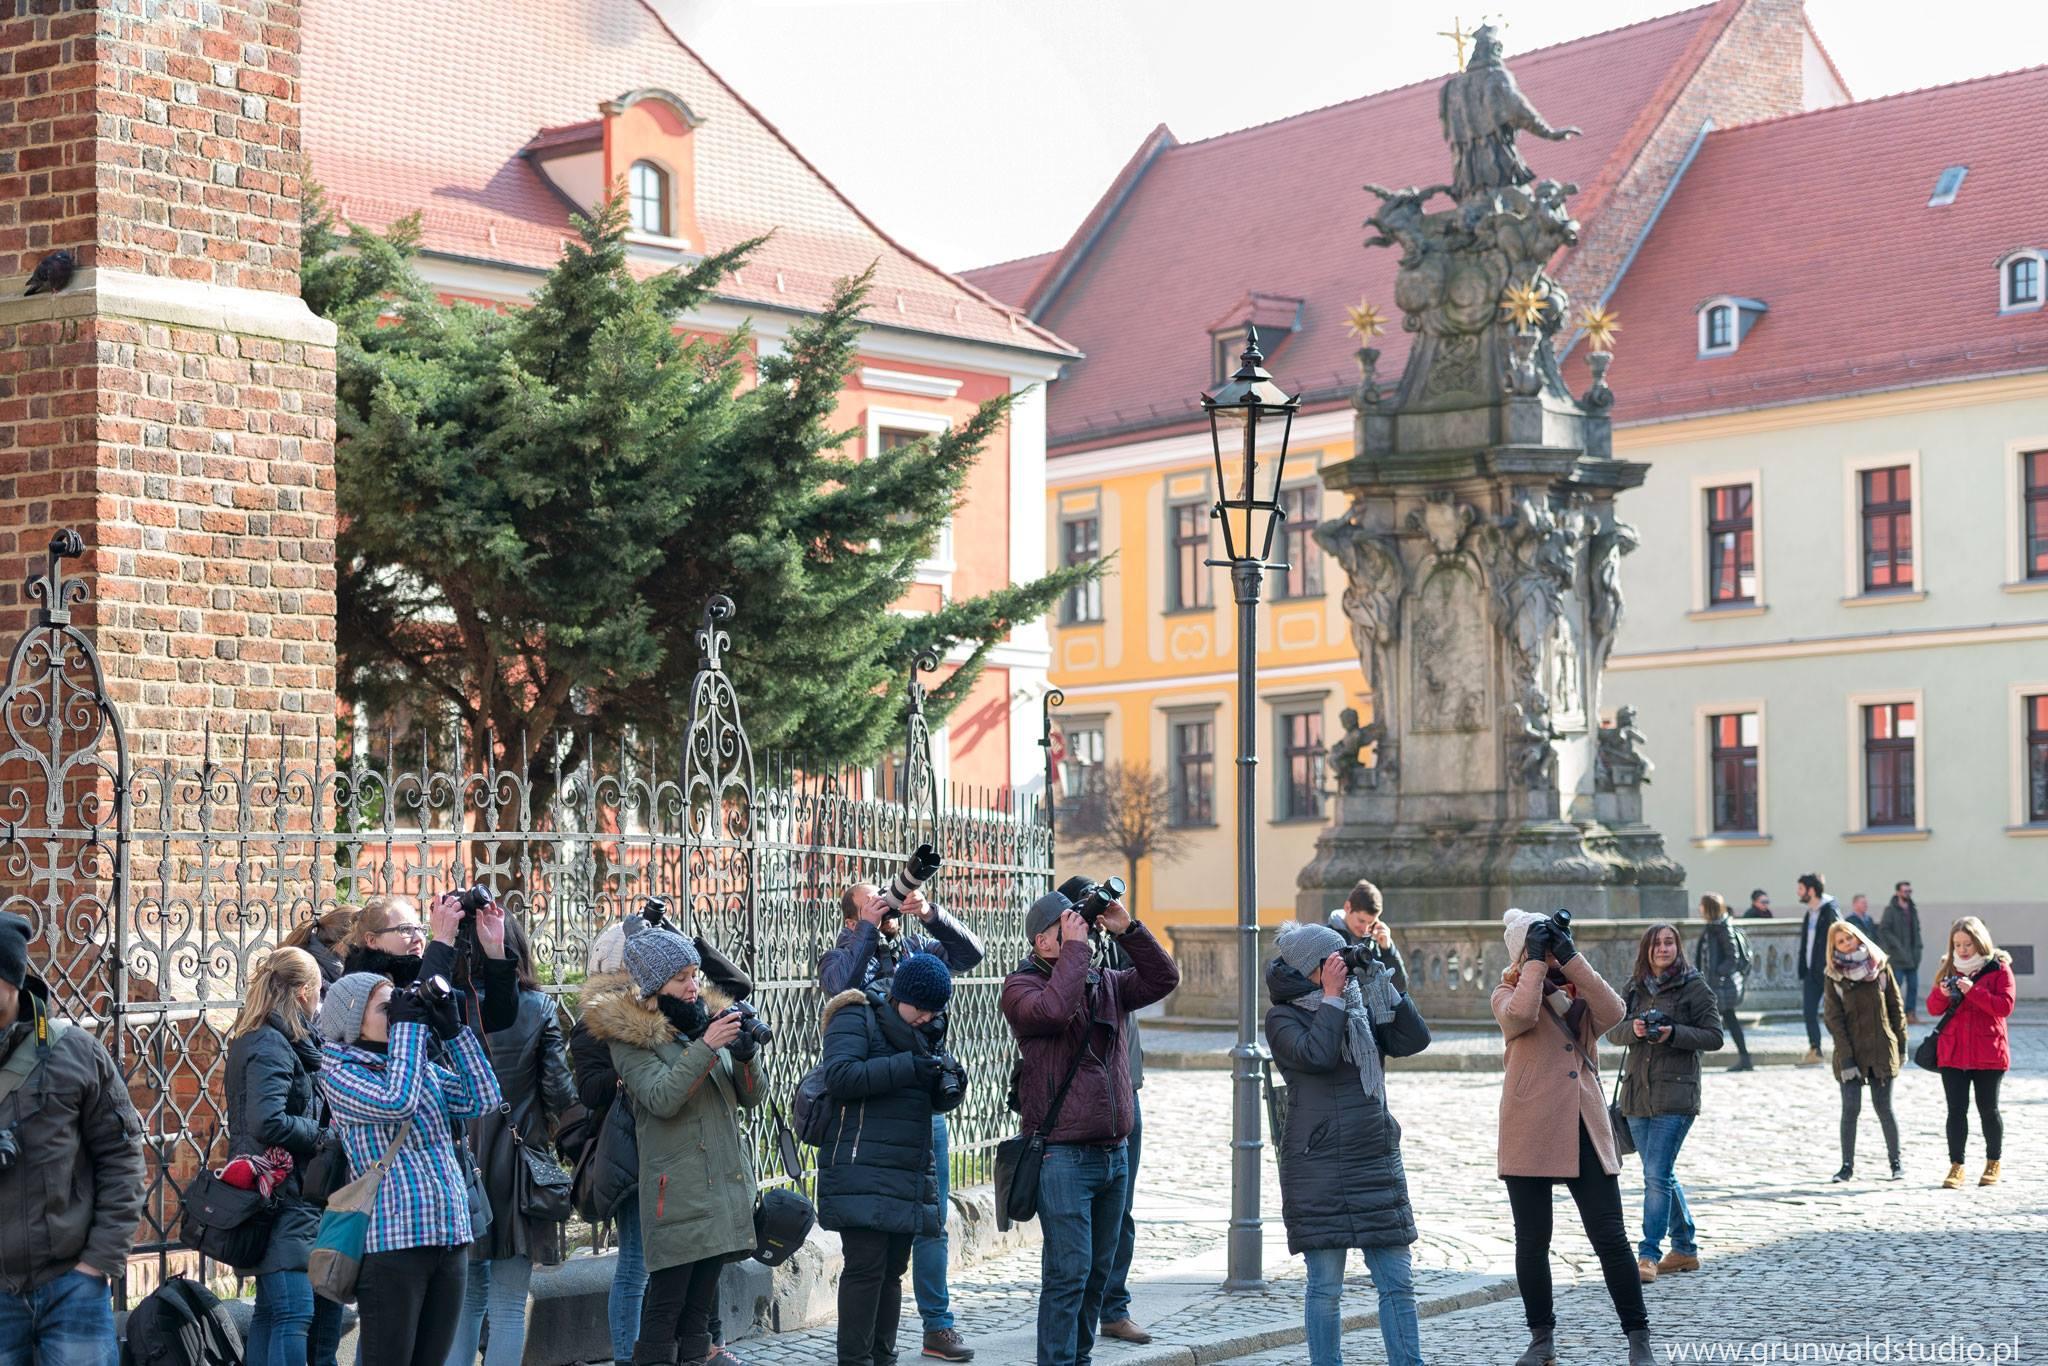 Kurs fotografii cyfrowej grunwald studio fotografia wrocław